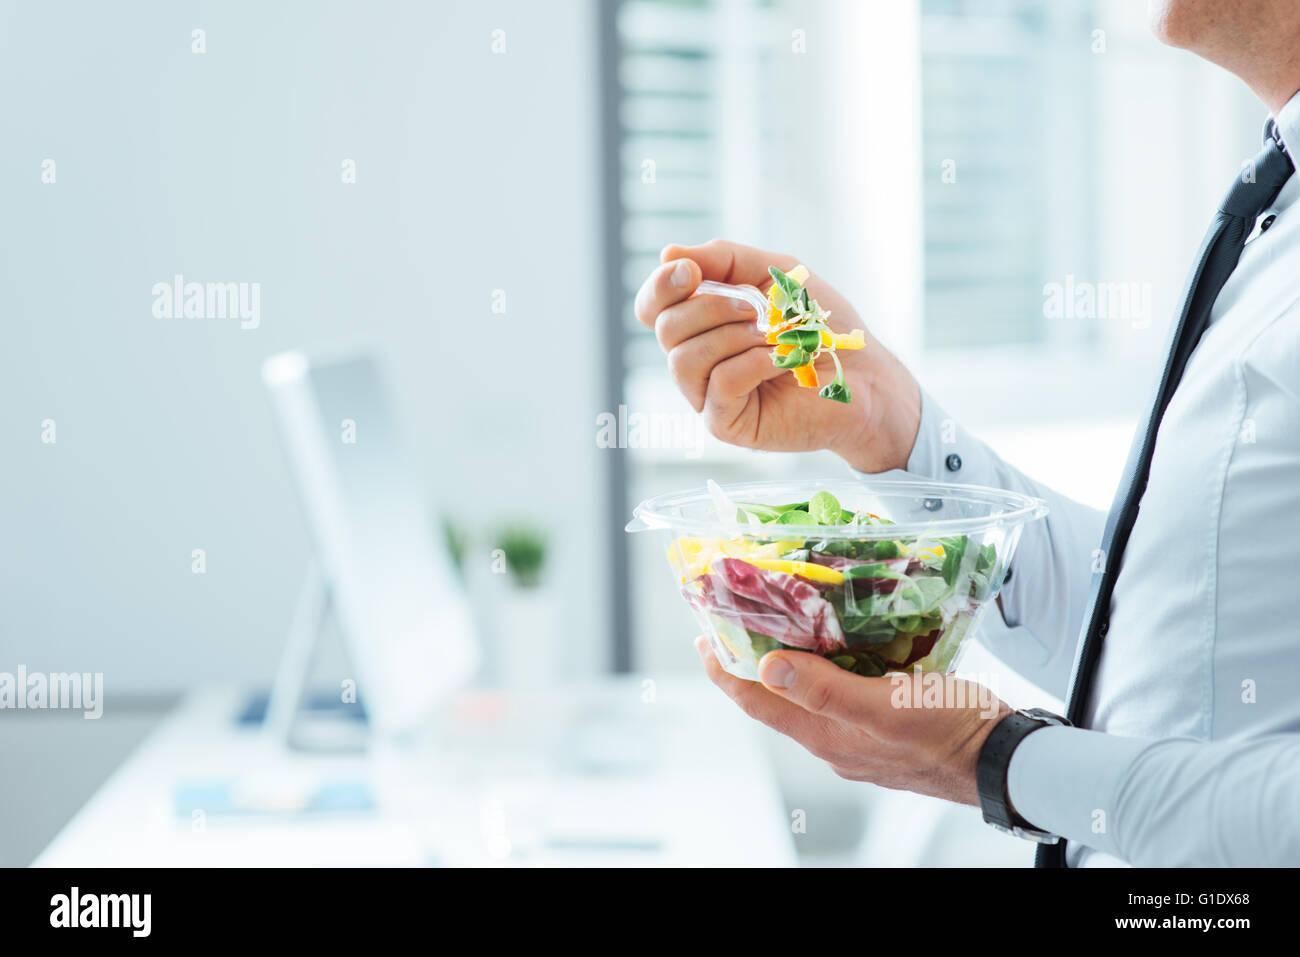 Businessman having a salade de légumes pour le déjeuner, la saine alimentation et le mode de vie, concept Photo Stock